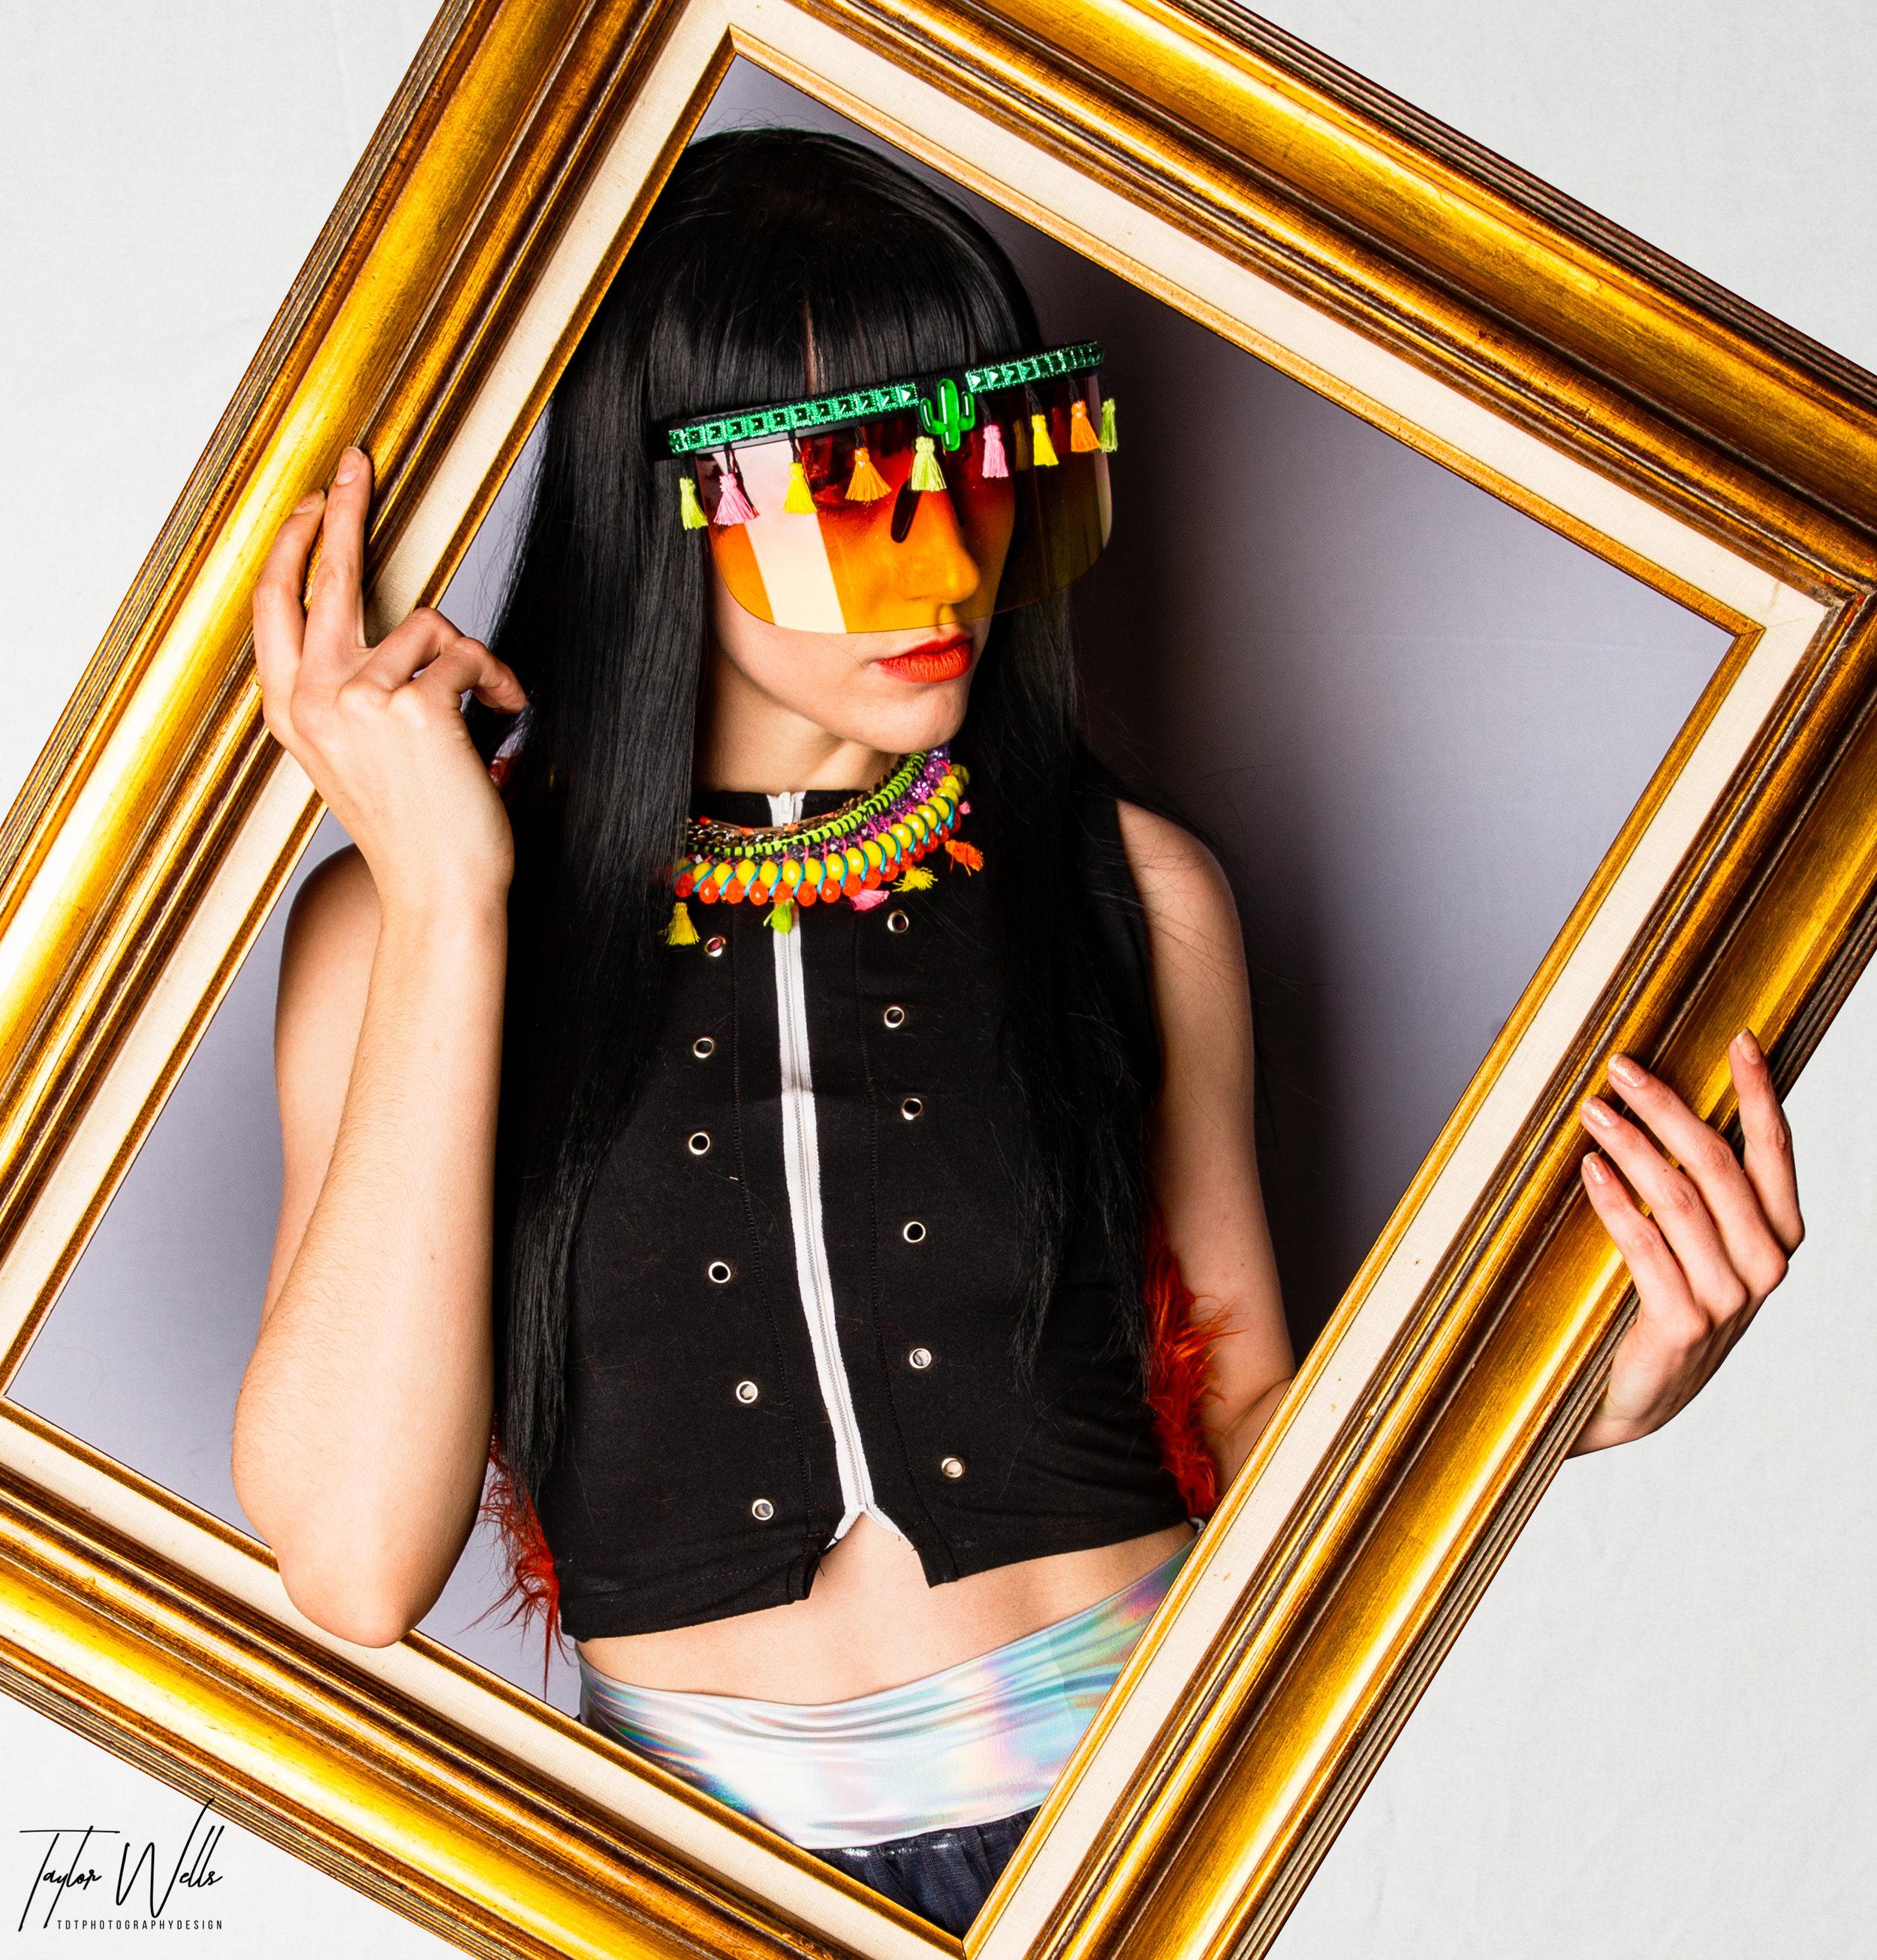 SpectraCOvibesV3_AmandaBrookeStyles_iLitDesigns_KatDogCouture_TDTphotographyDesign_FloatingFrame0-30.jpg